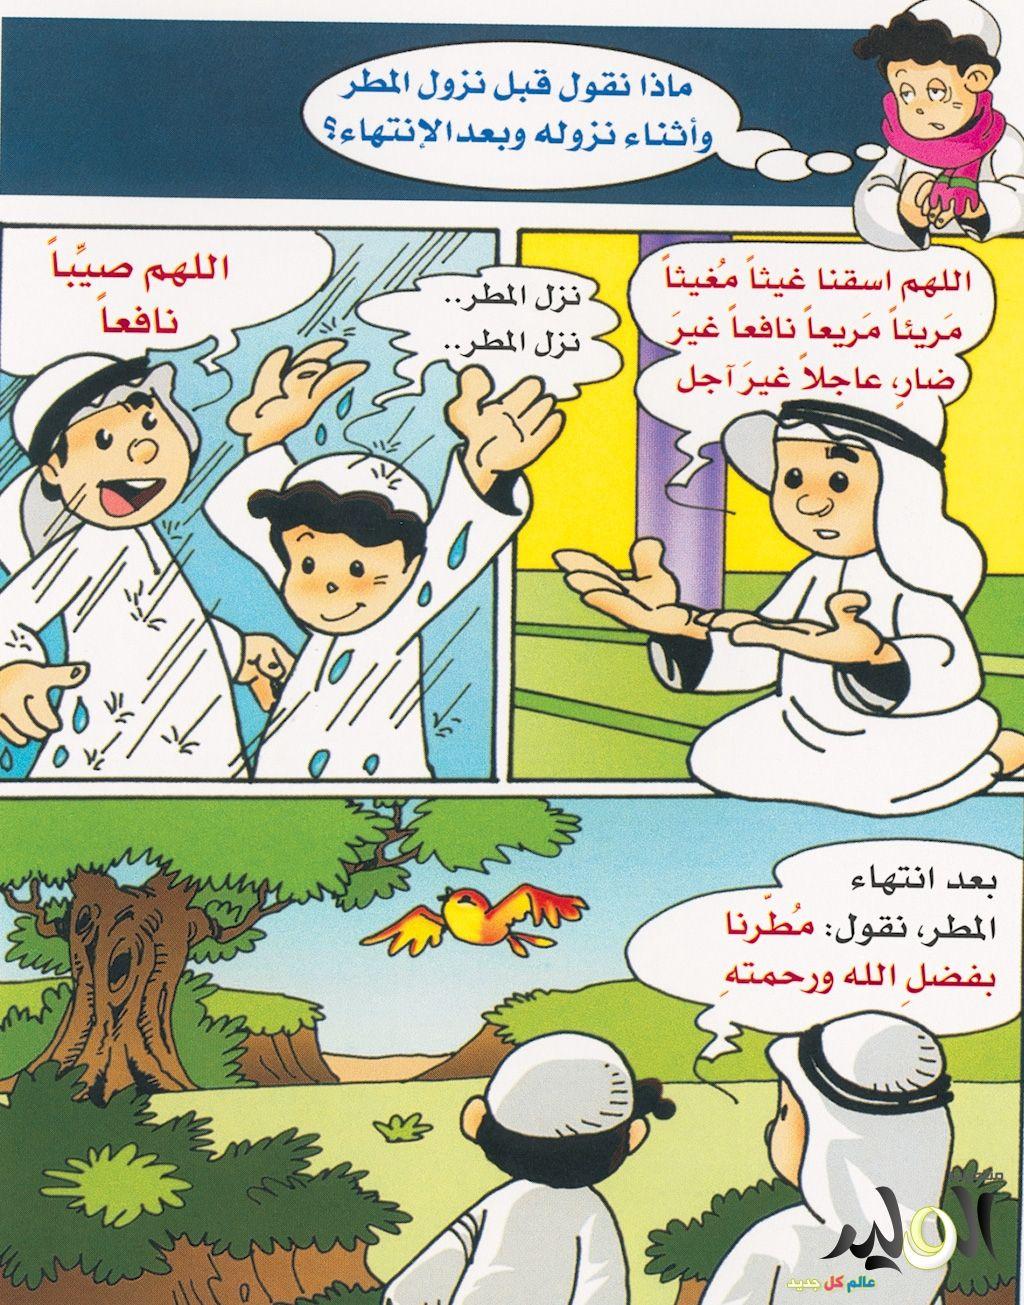 صور قصص دينية للاطفال مكتوبة , اروع قصص للاطفال مسلية دينية